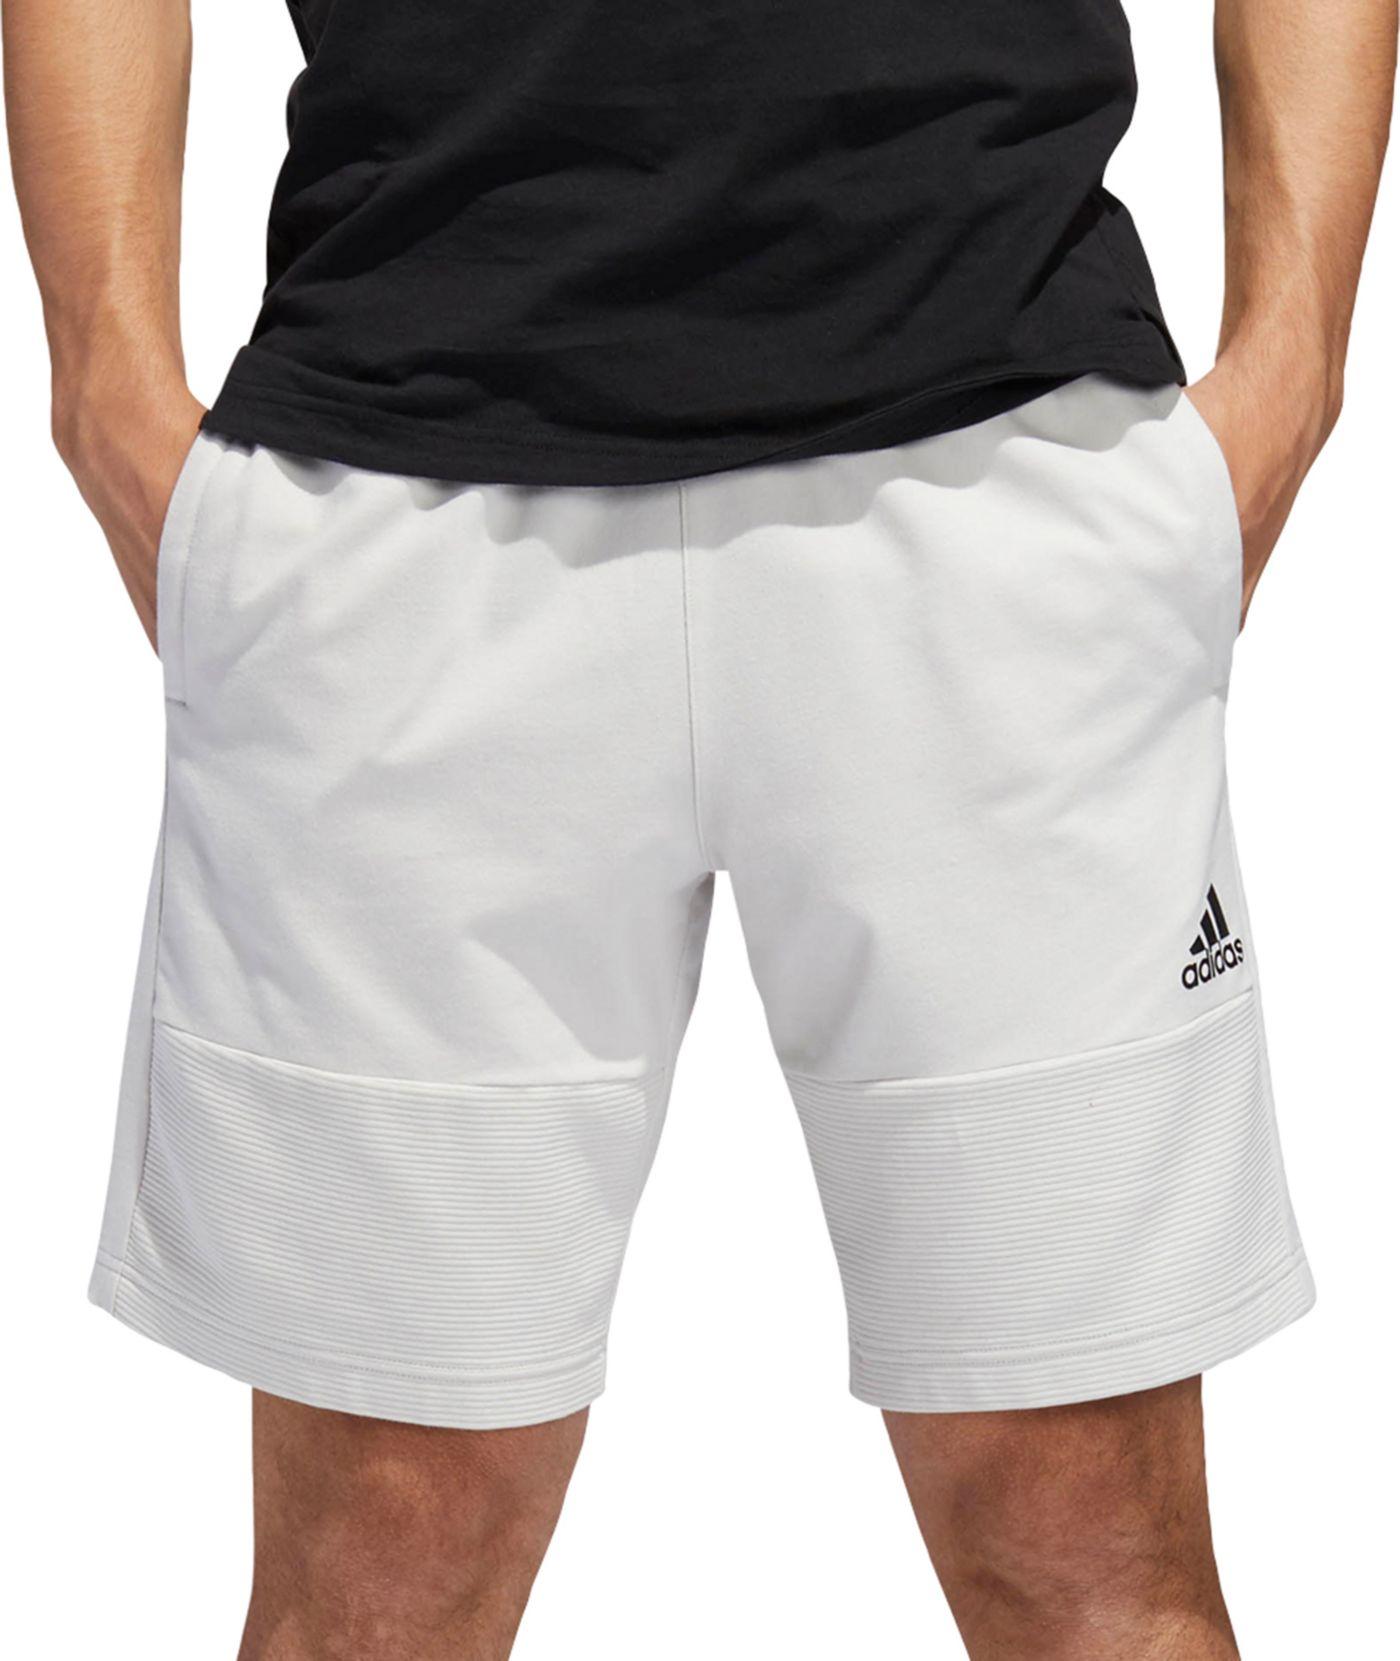 adidas Men's Post Game Ribbed Shorts